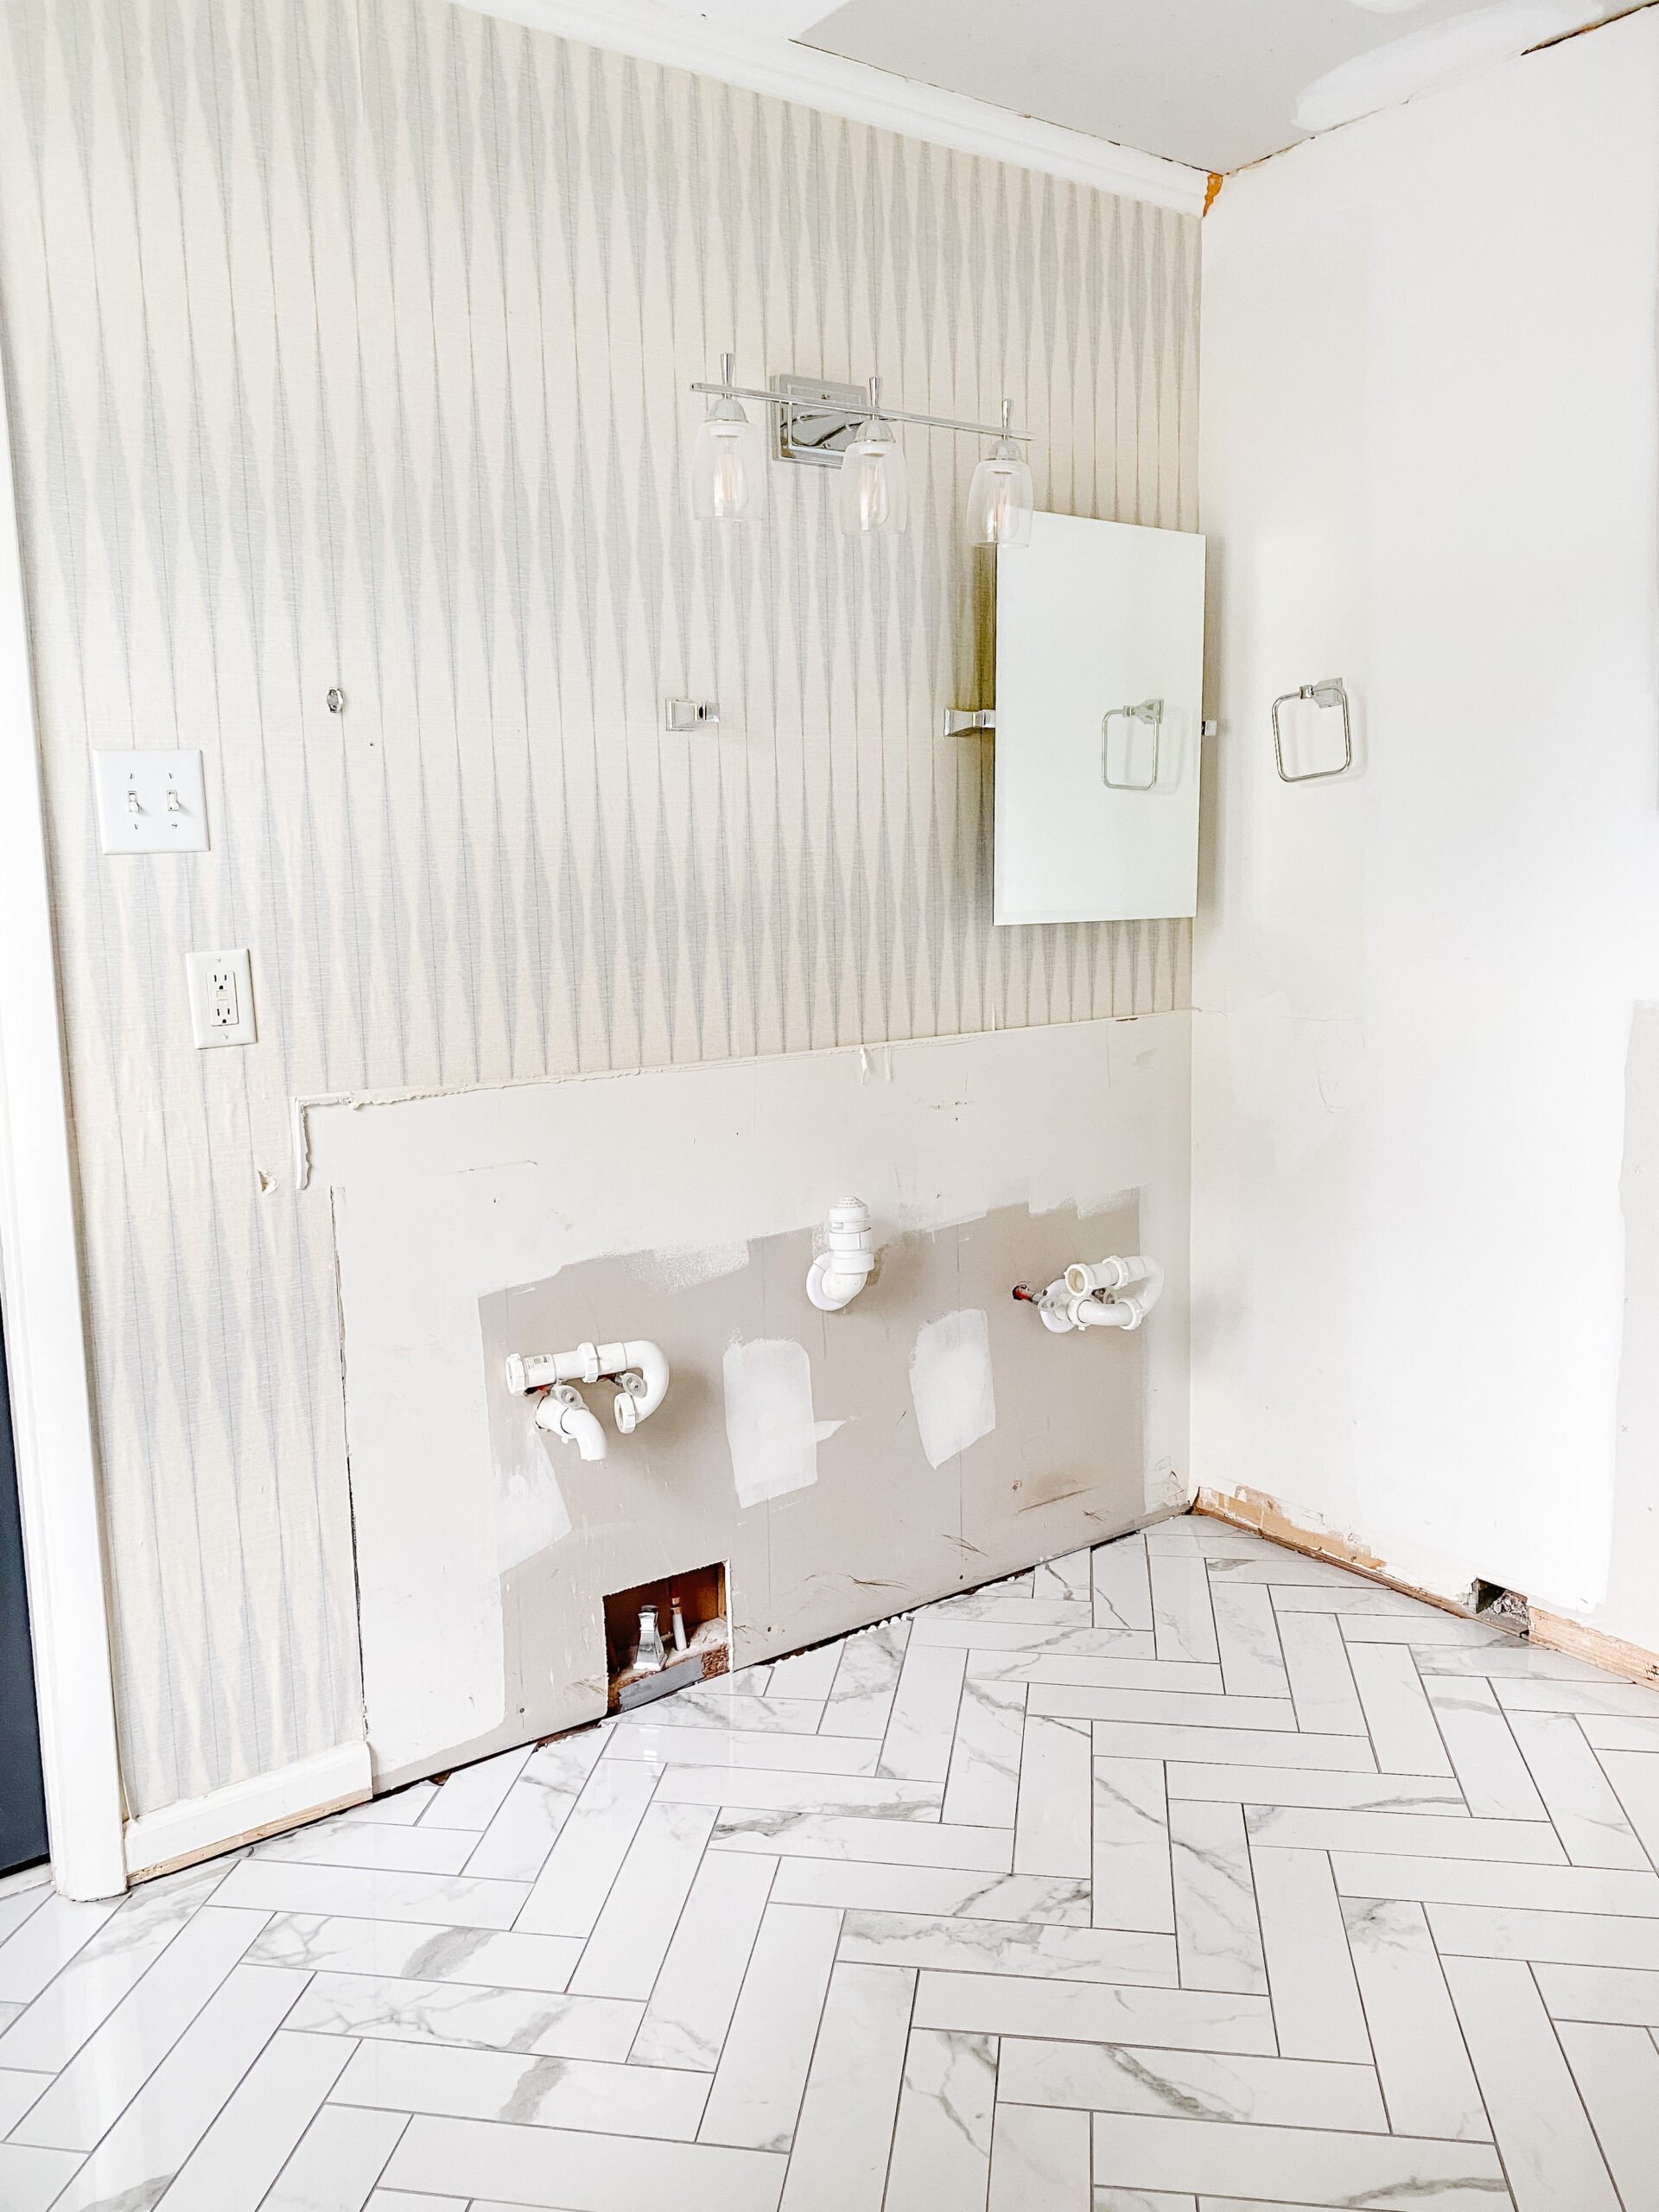 faux marble herringbone tile floor in a bathroom renovation